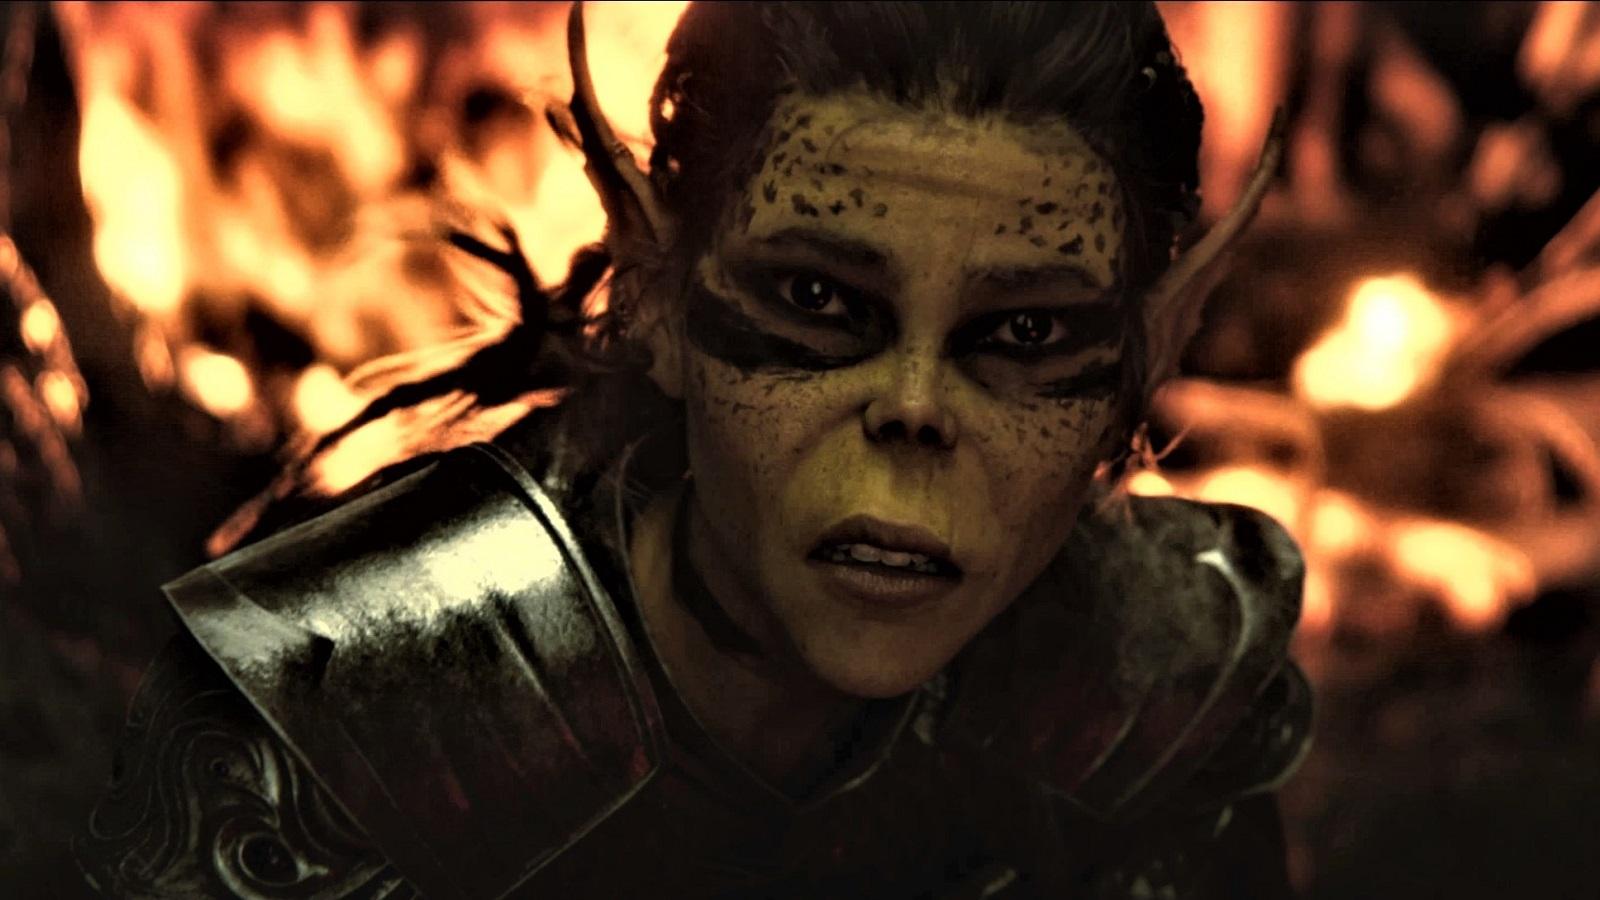 Следующий патч станет самым крупным в истории Baldur's Gate 3 — сохранения опять будут несовместимы